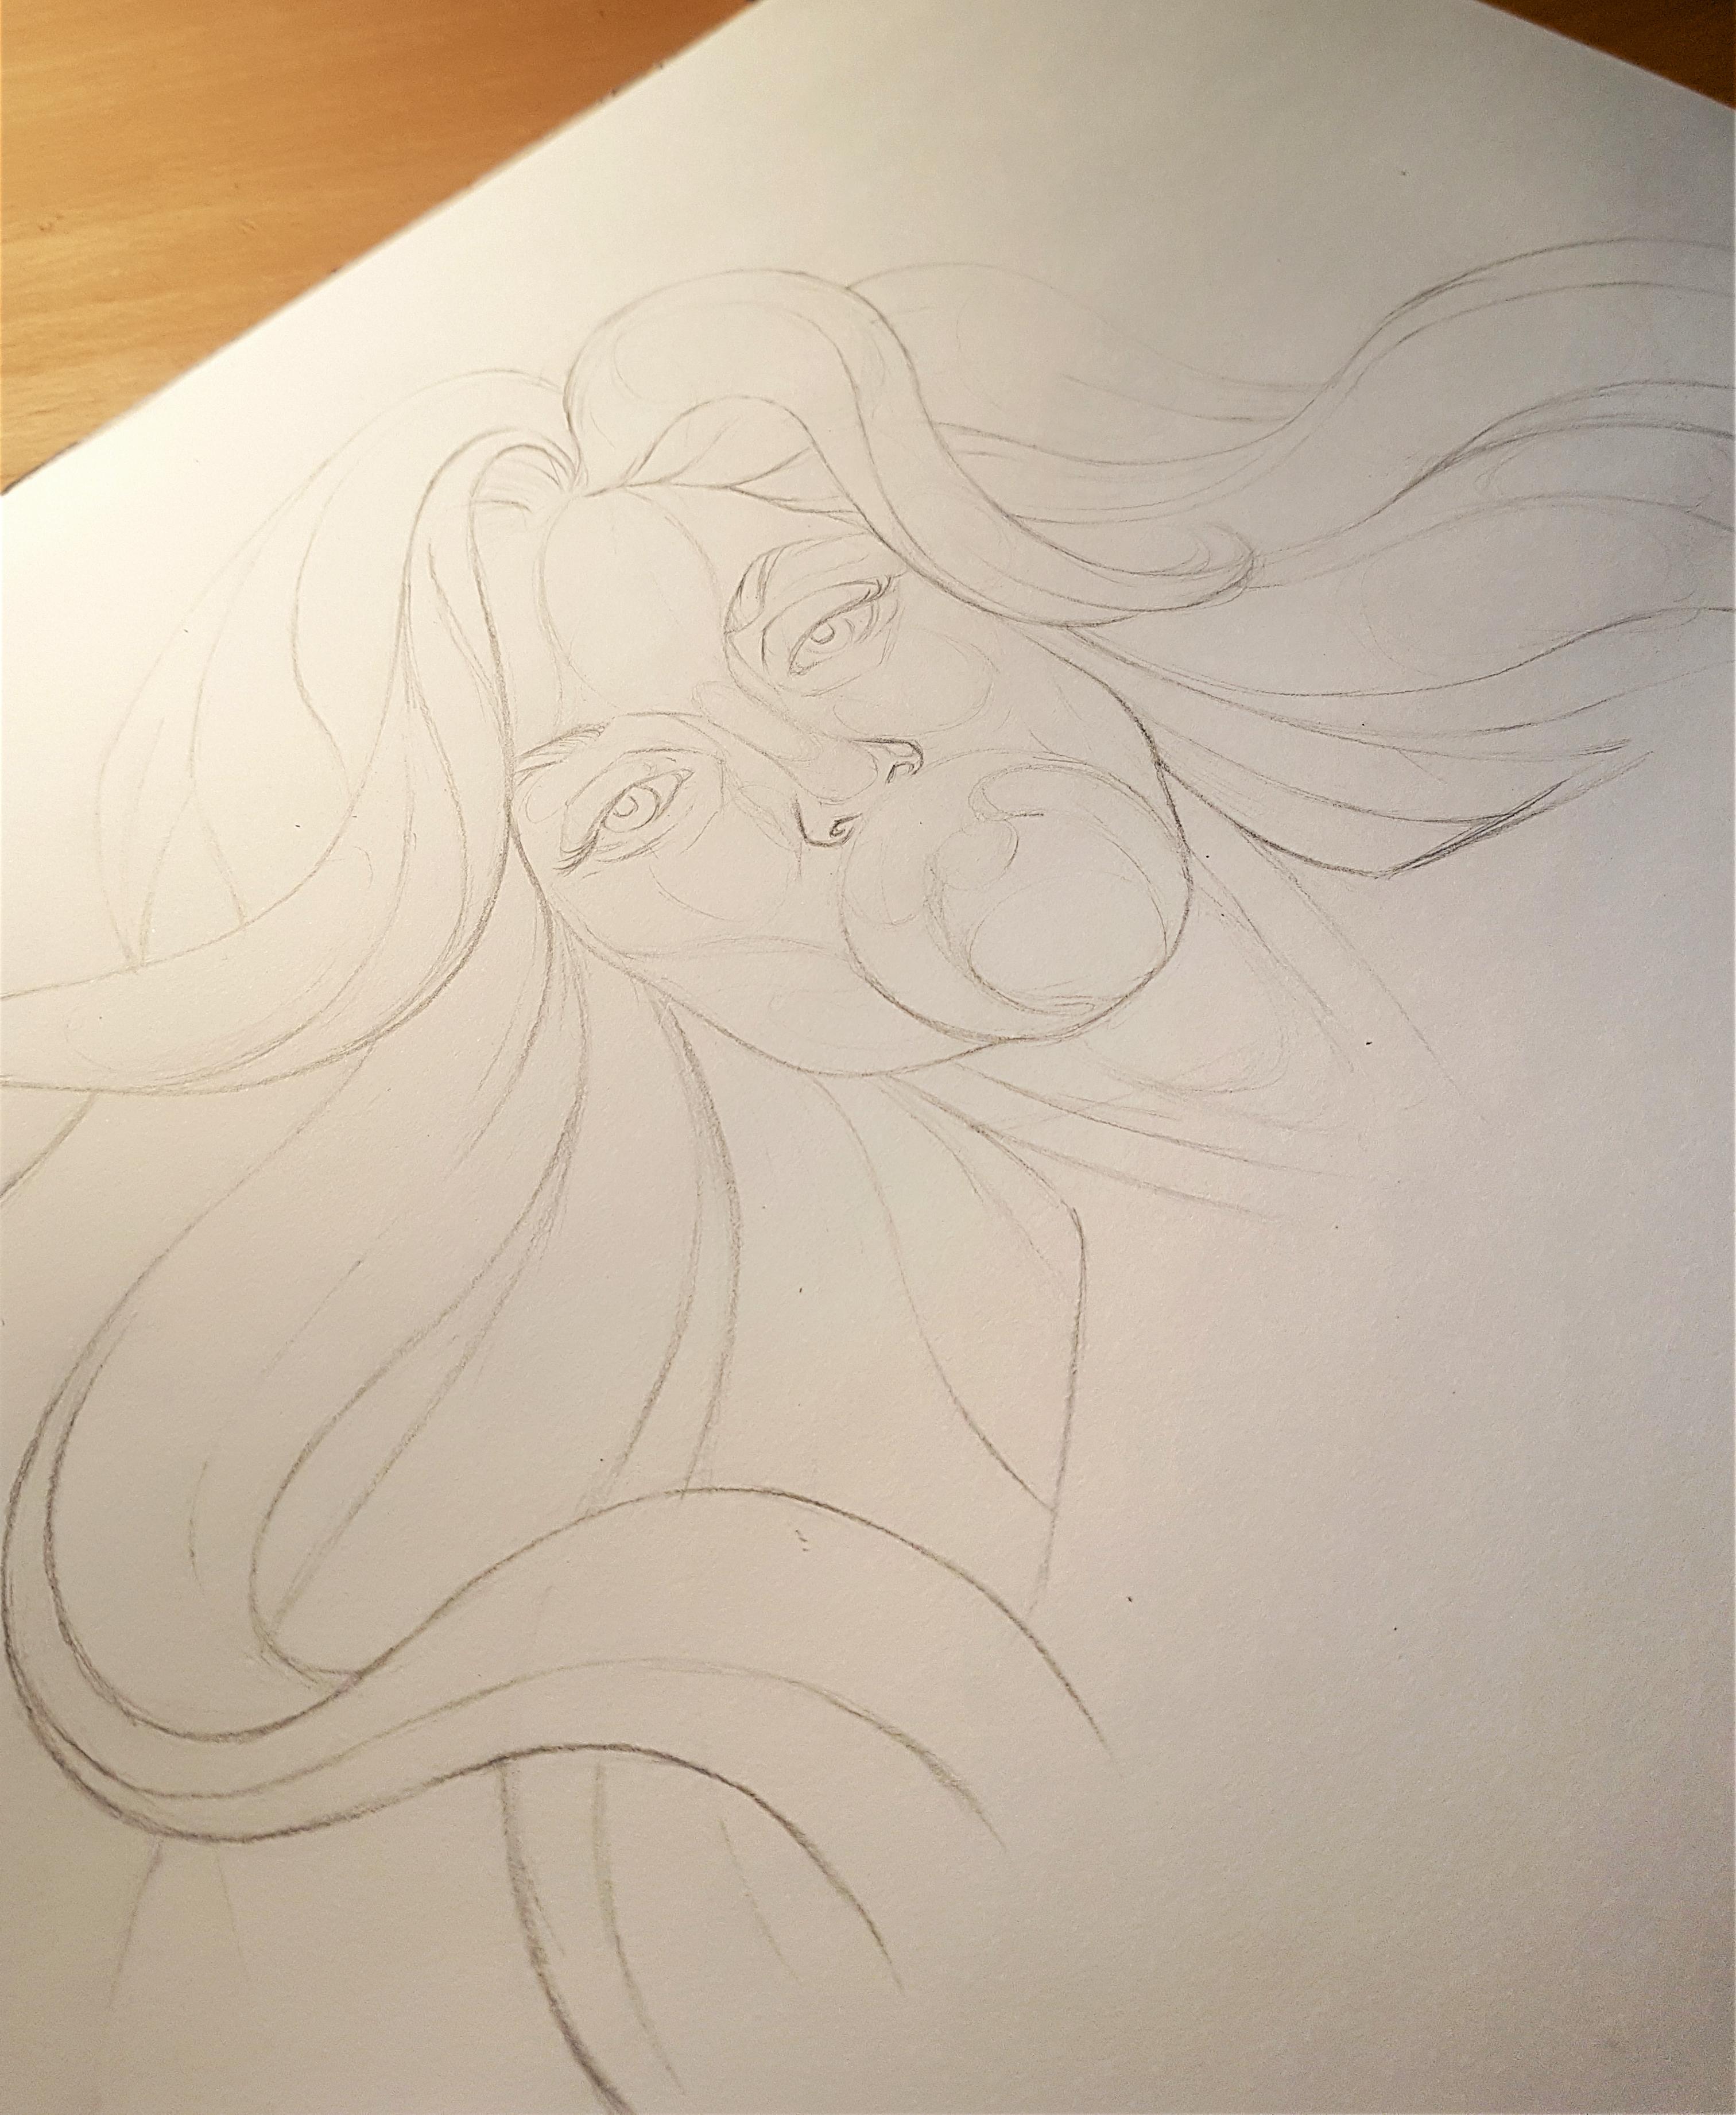 von-sketch